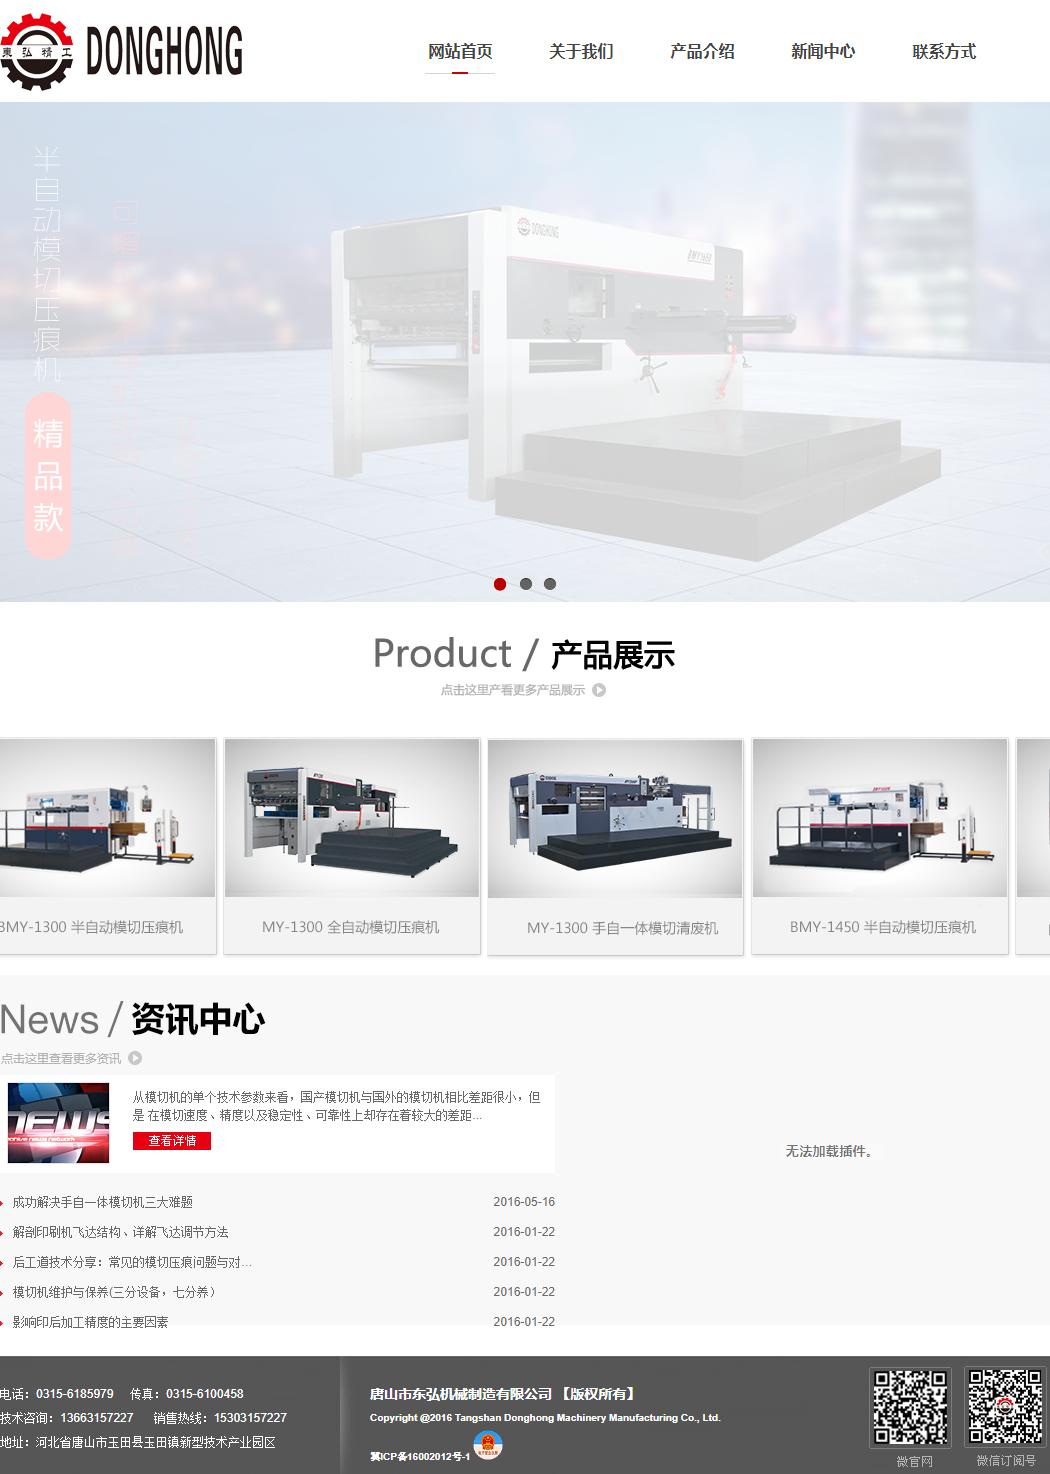 唐山市东弘机械制造有限公司网站案例